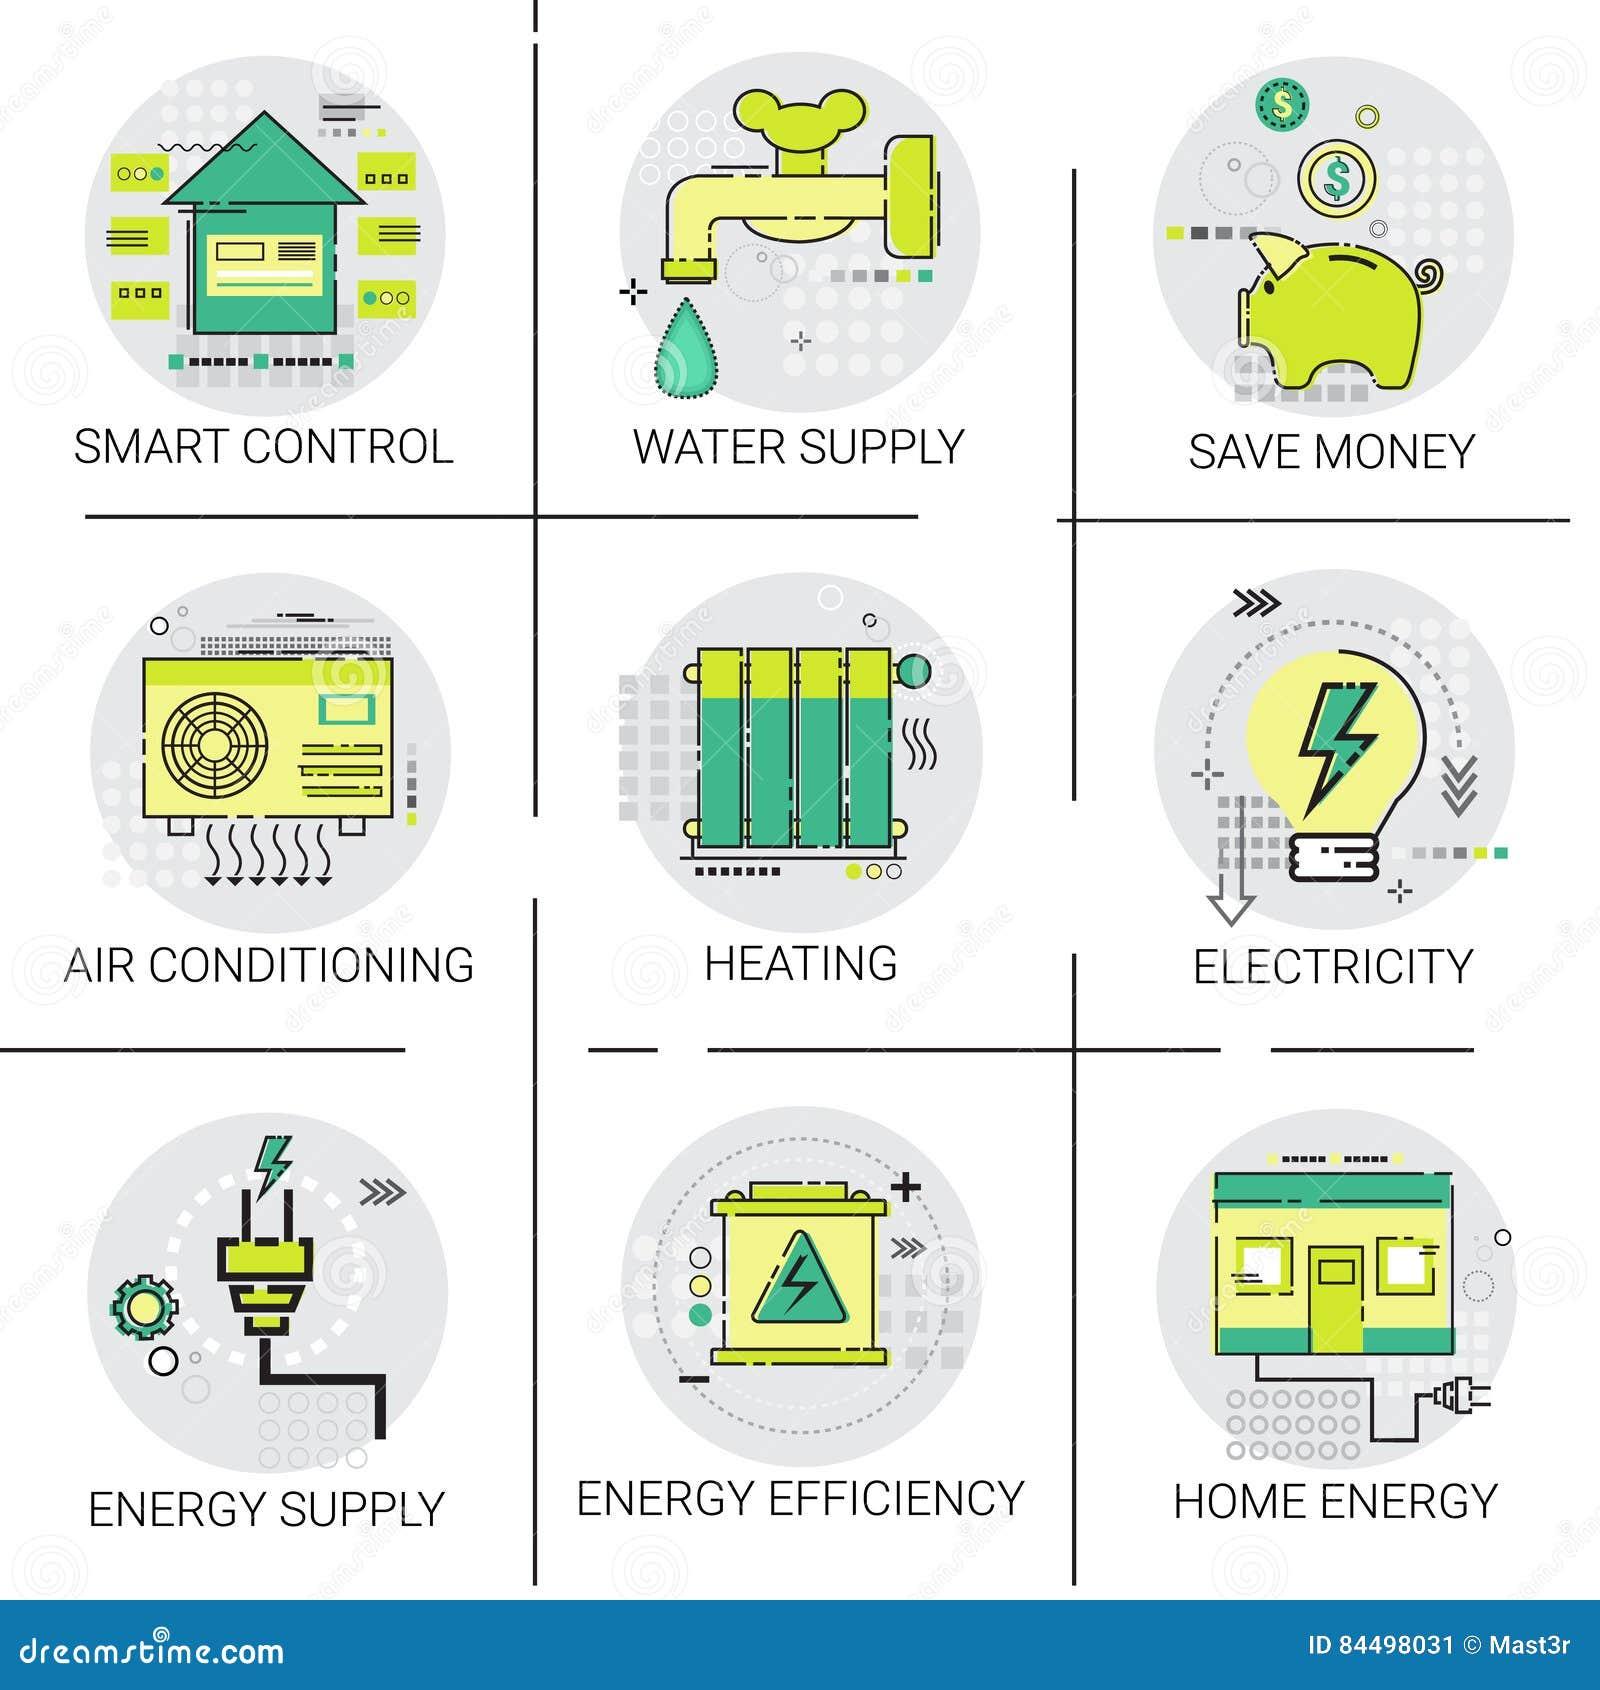 Εφεύρεση δύναμης ενεργειακού εφοδιασμού ηλεκτρικής ενέργειας, θέρμανση, έξυπνος έλεγχος, σύνολο εικονιδίων κλιματισμού